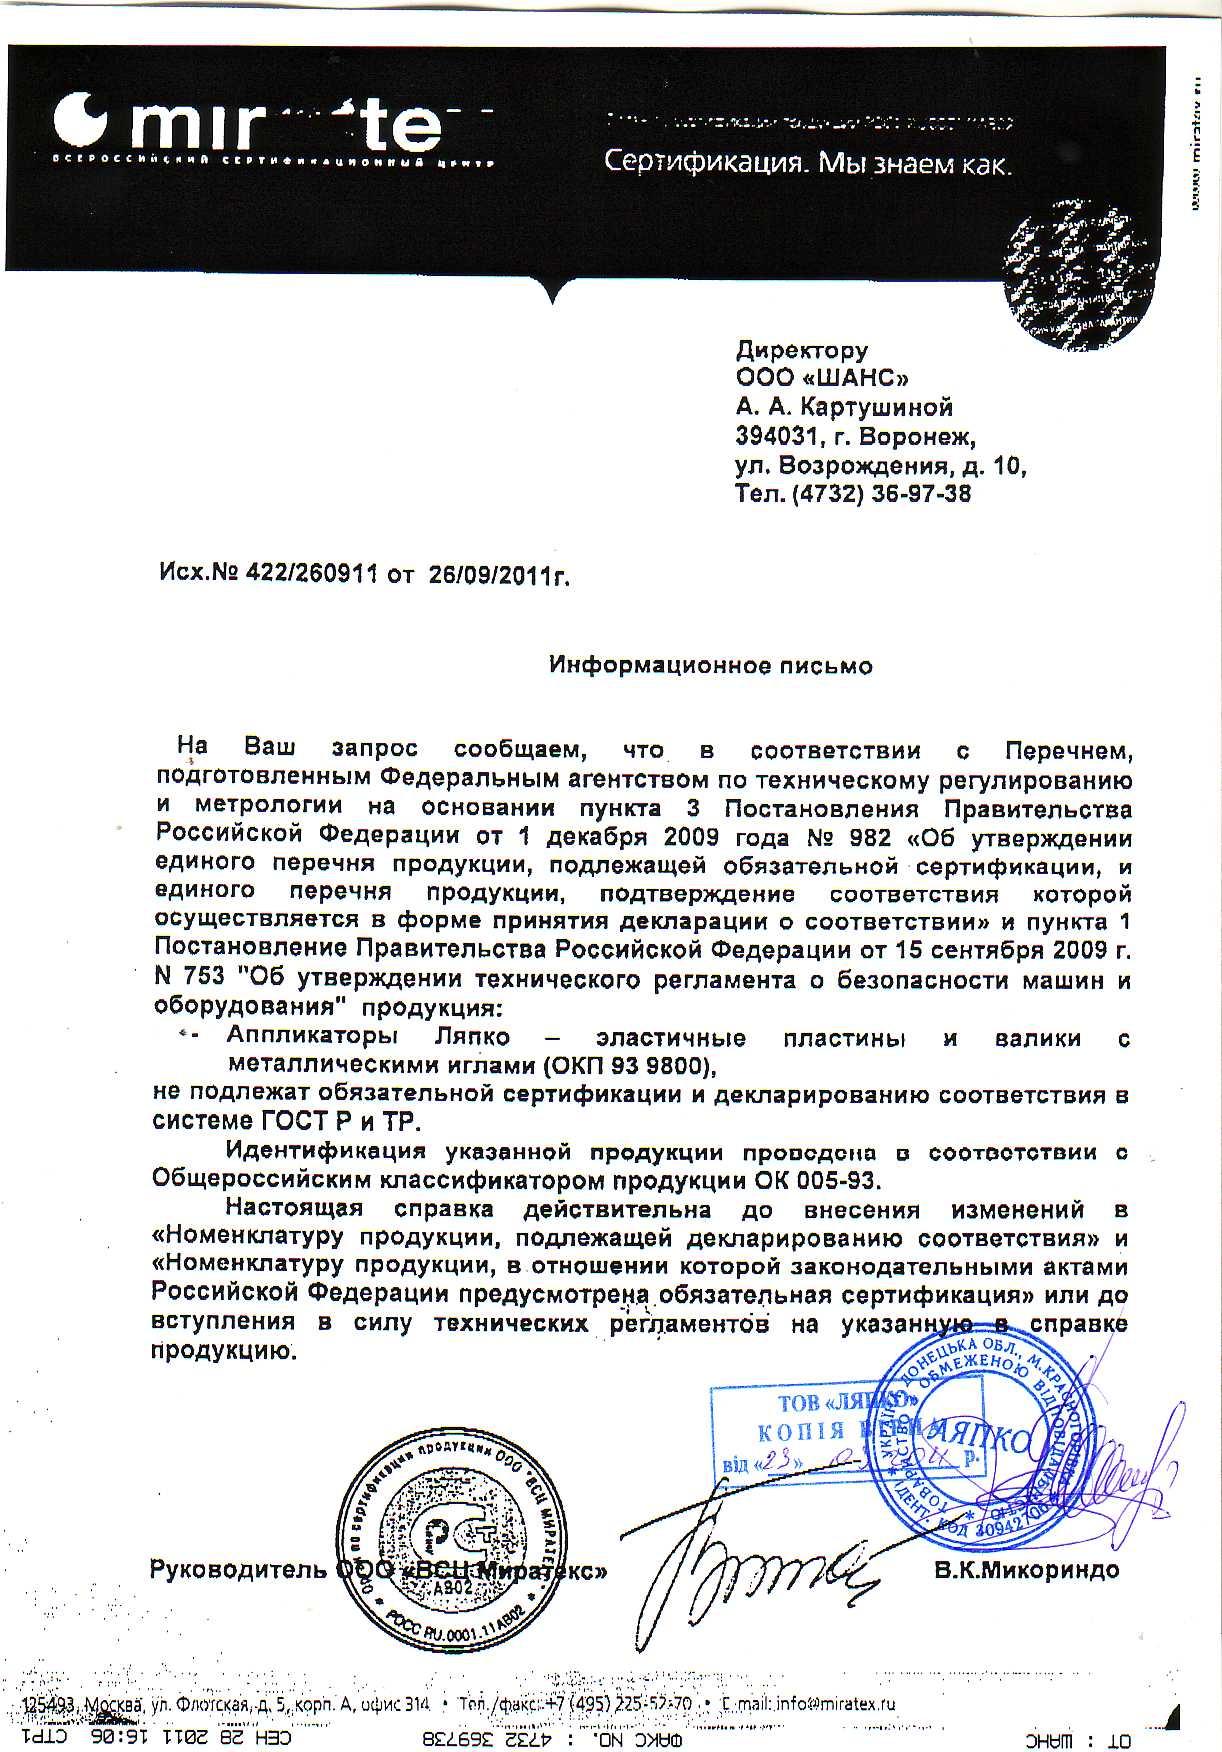 Информационное письмо о сертификации Аппликаторов Ляпко